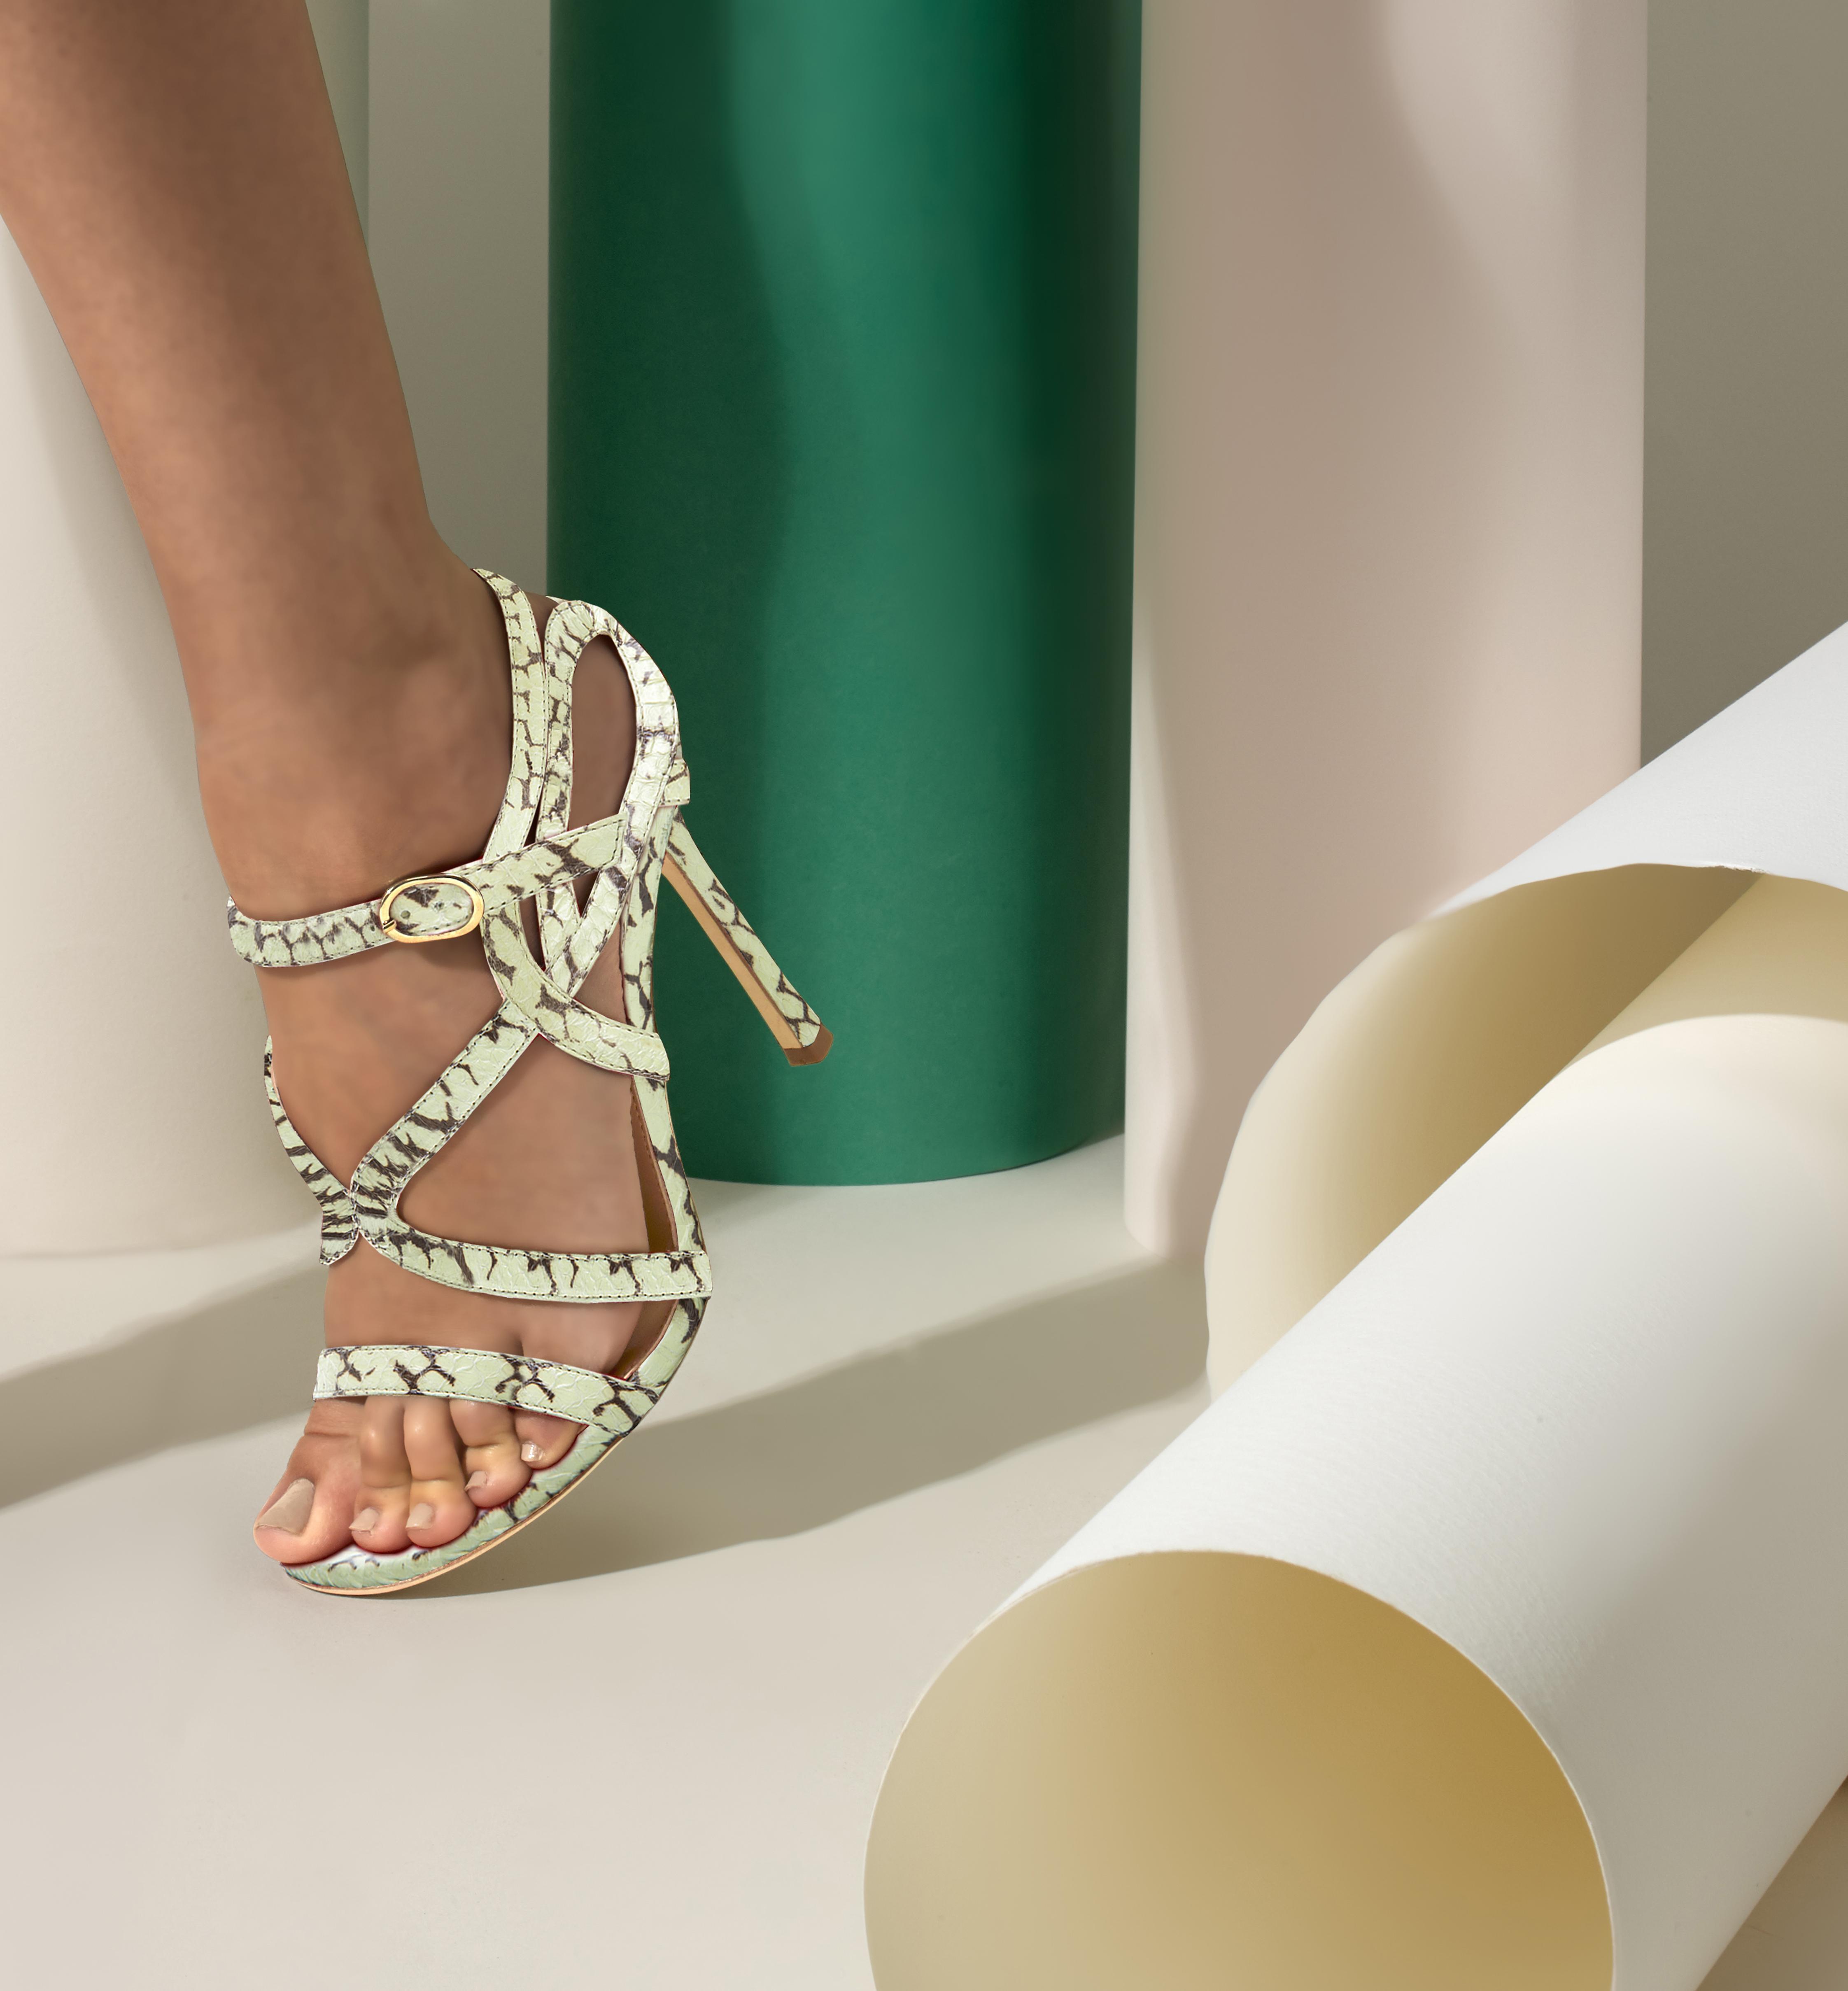 chaussures-chelsea-paris-modele-esosa-chaussures-de-luxe